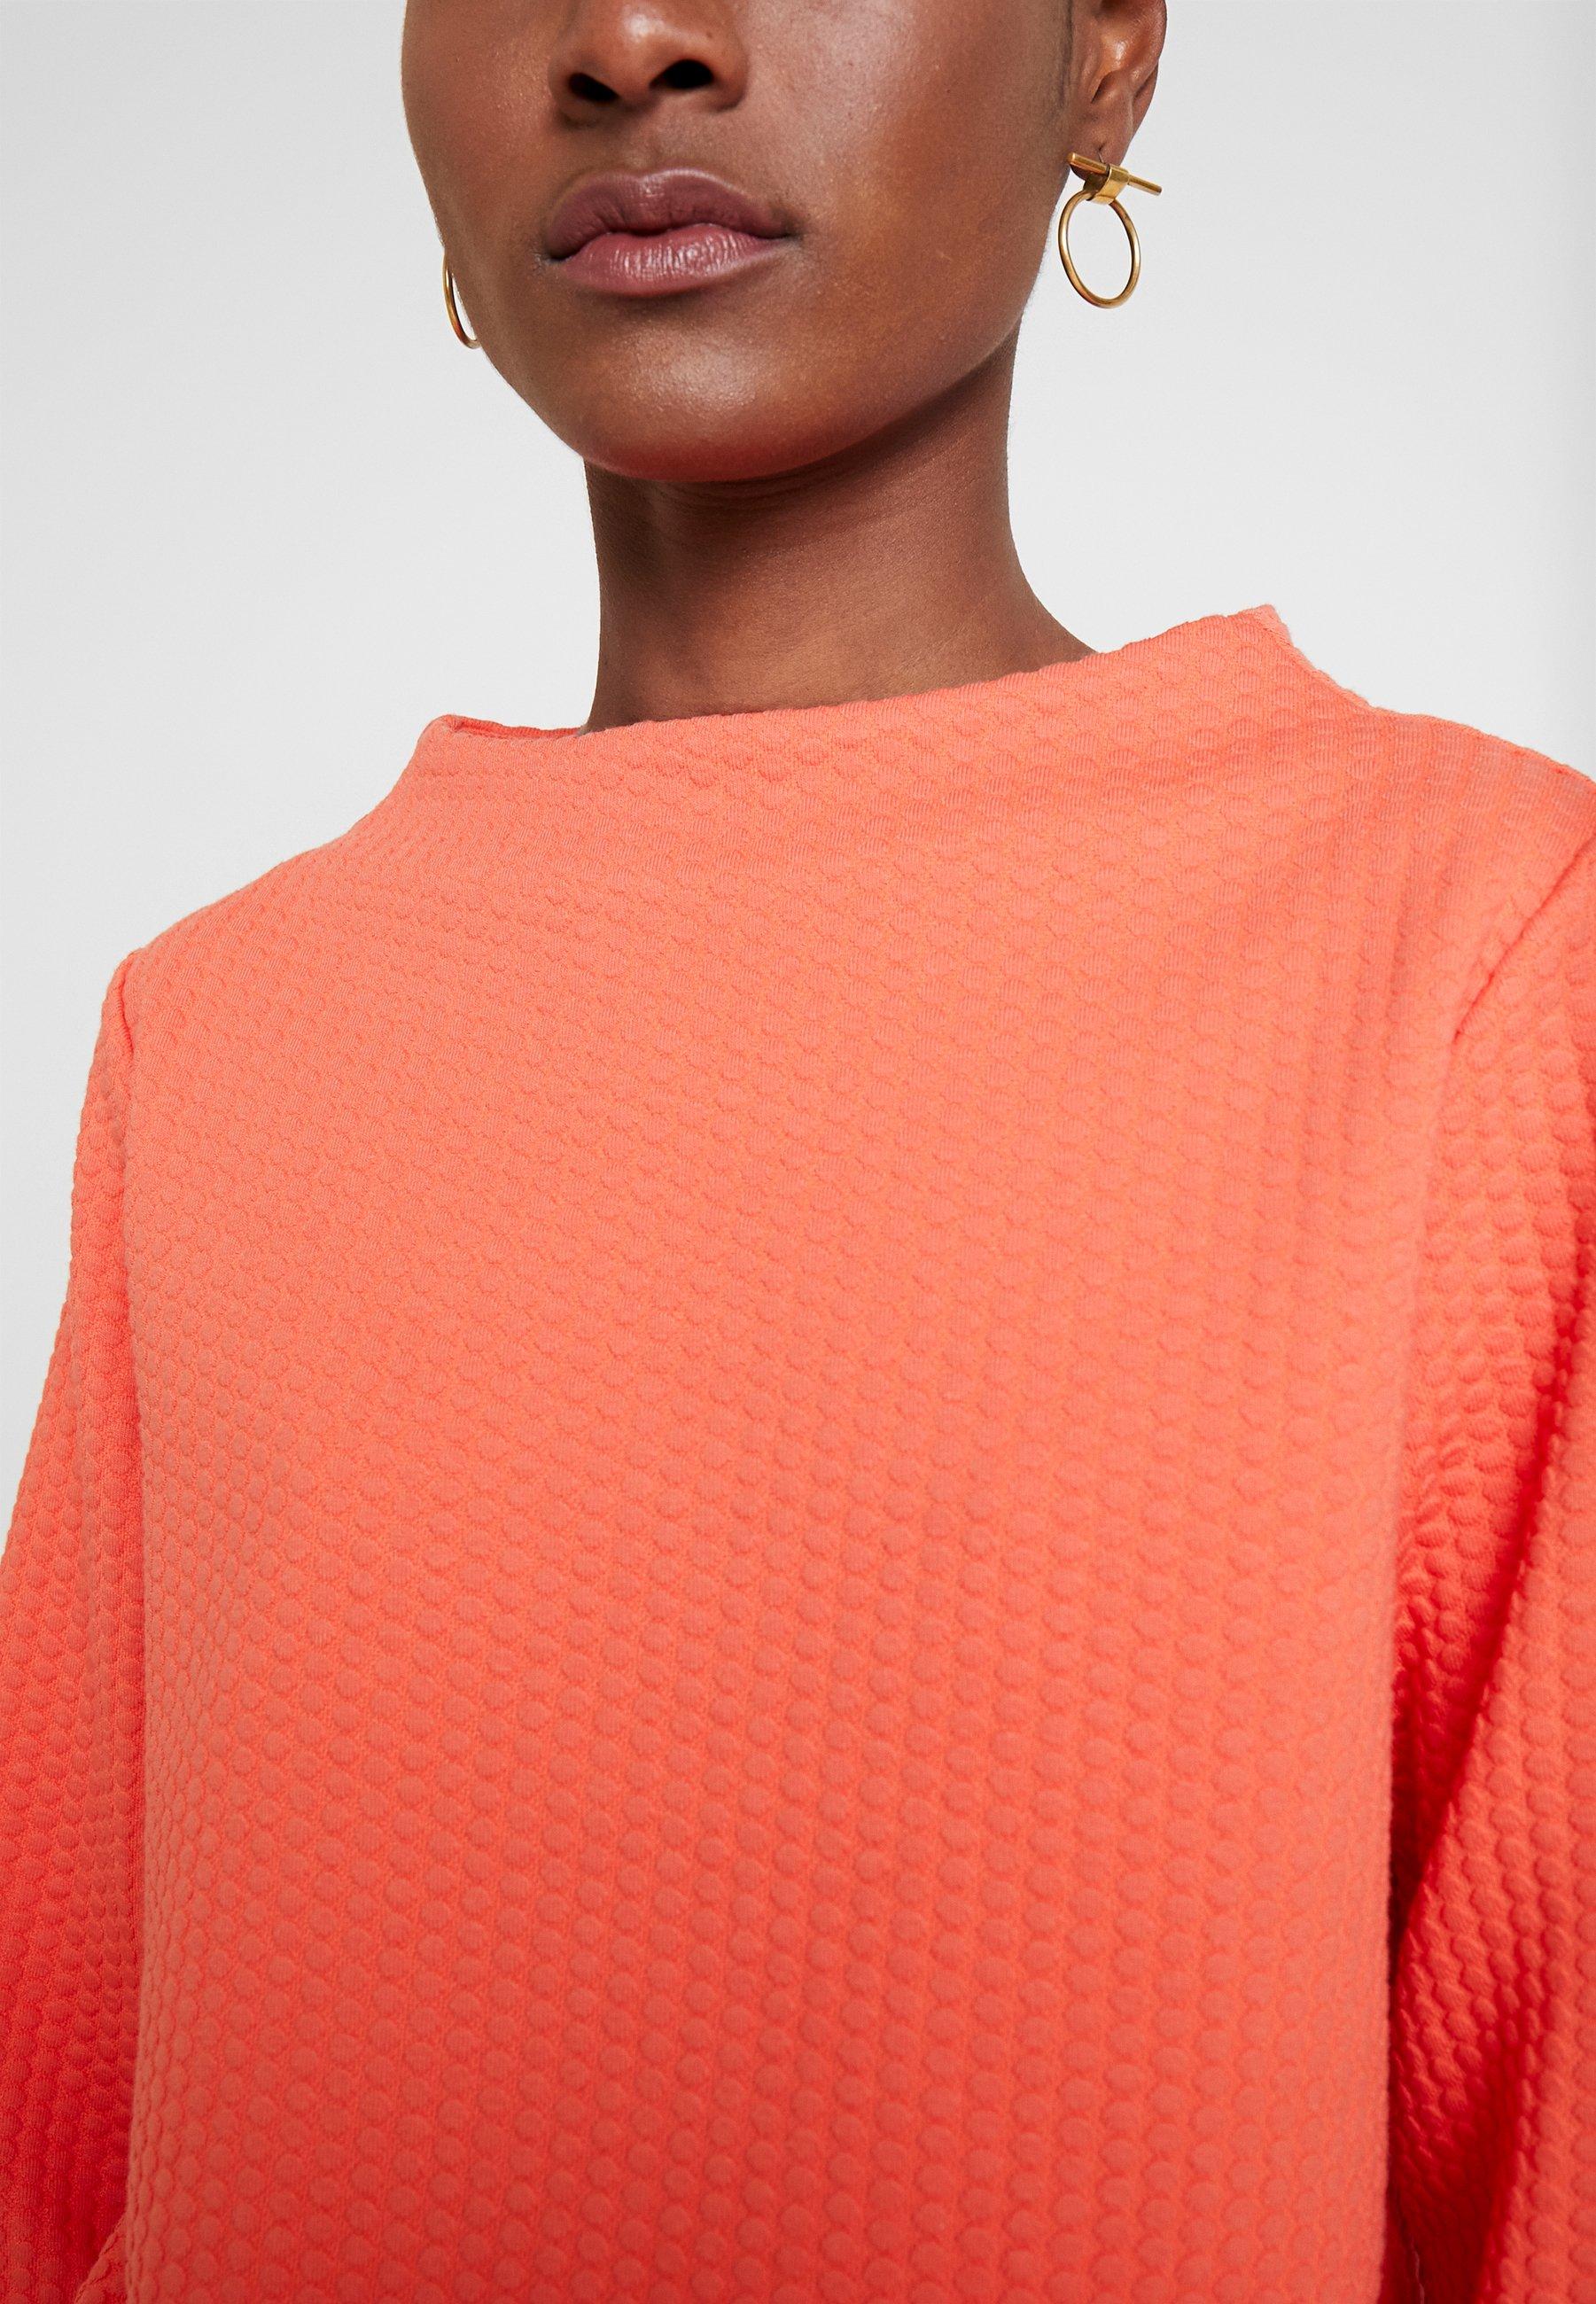 OPUS Sweatshirt mit 78 Arm Modell 'Gemoli' in Weiß online